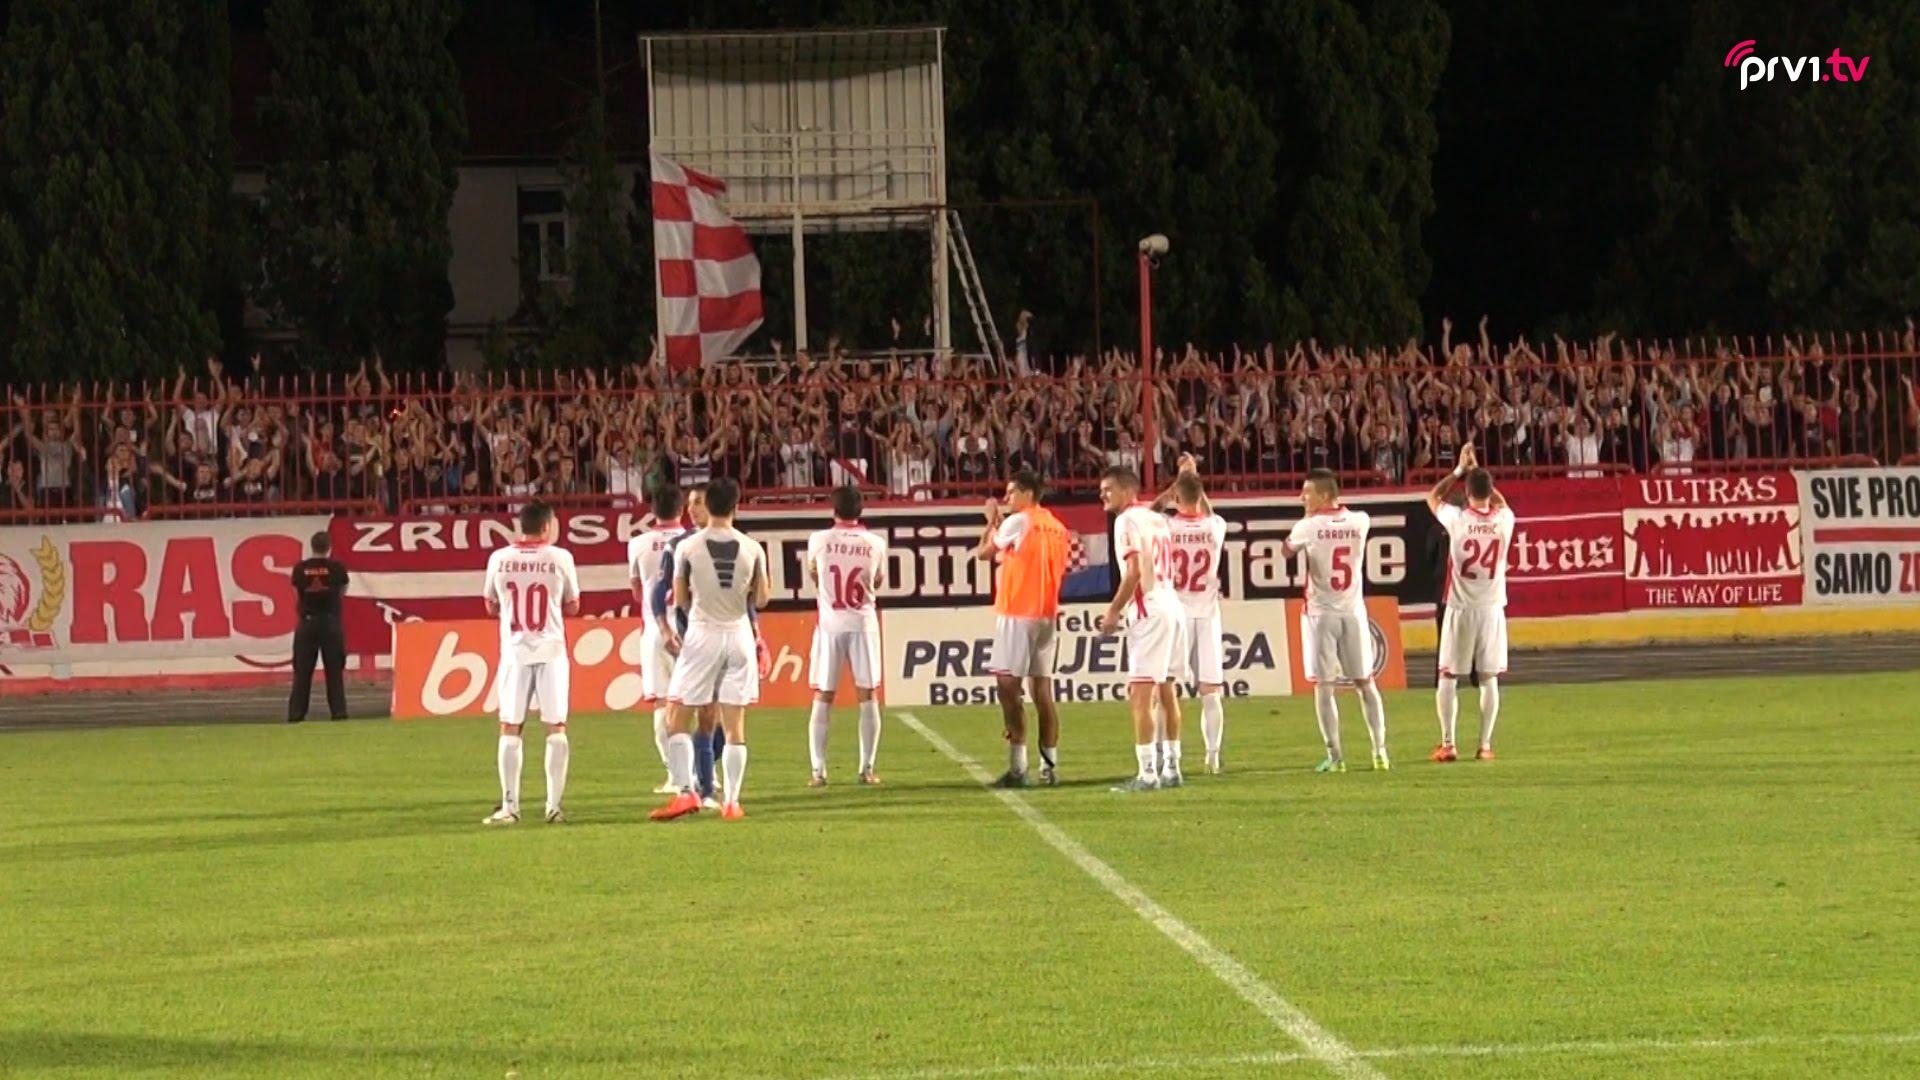 Zrinjski protiv Maribora u drugom pretkolu kvaliikacija za Ligu prvaka